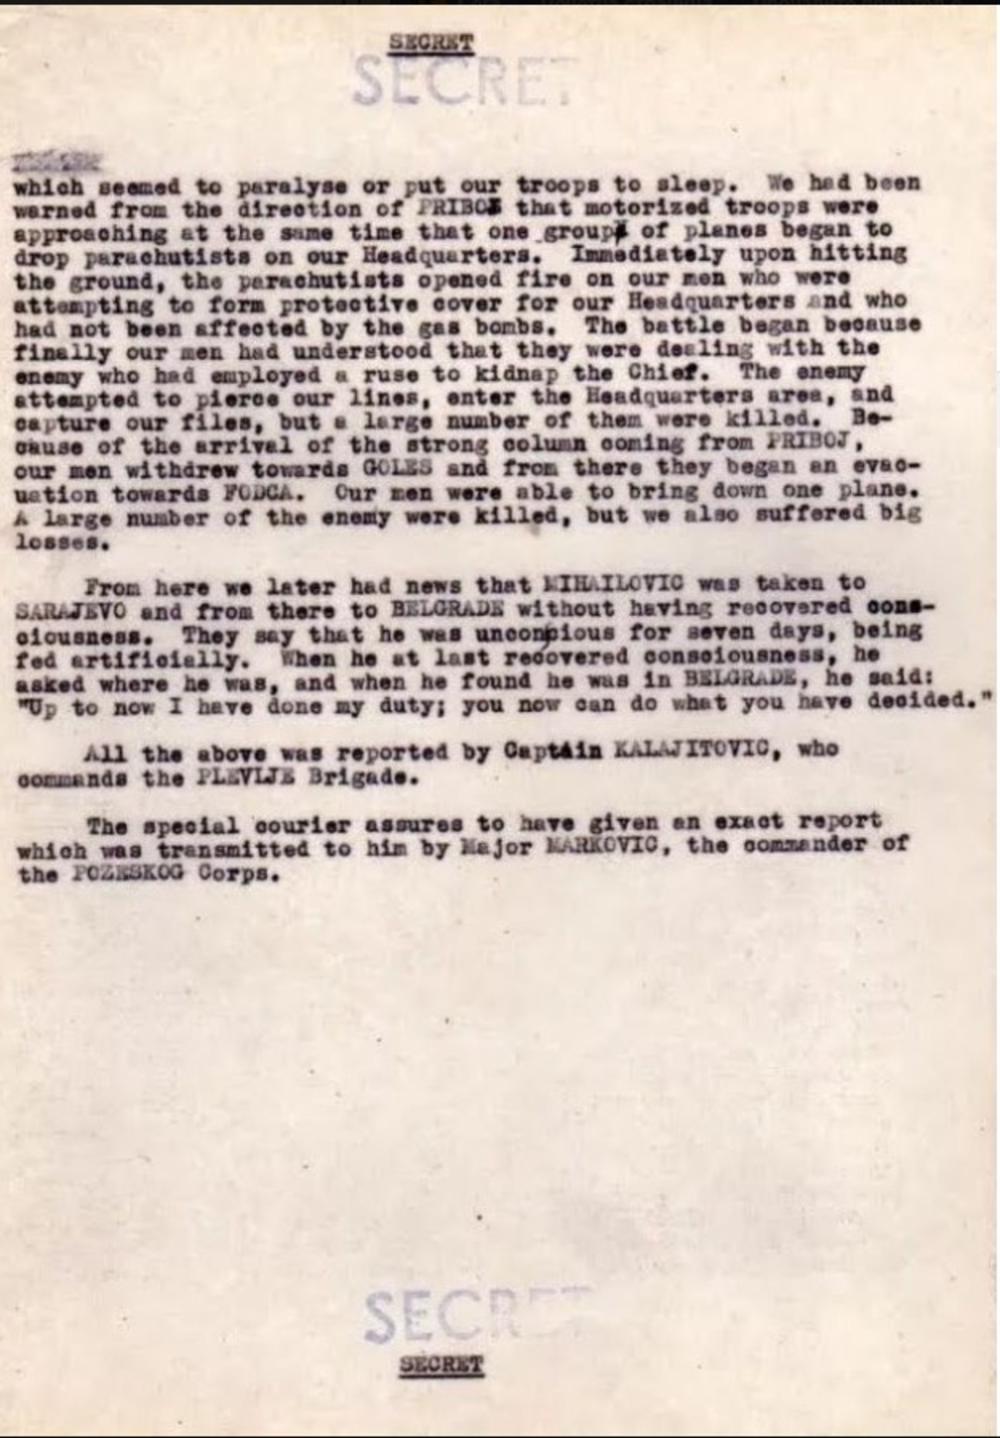 Тајни списи разоткрили како је четнички генерал пао у комунистичку замку и које су биле његове последње речи